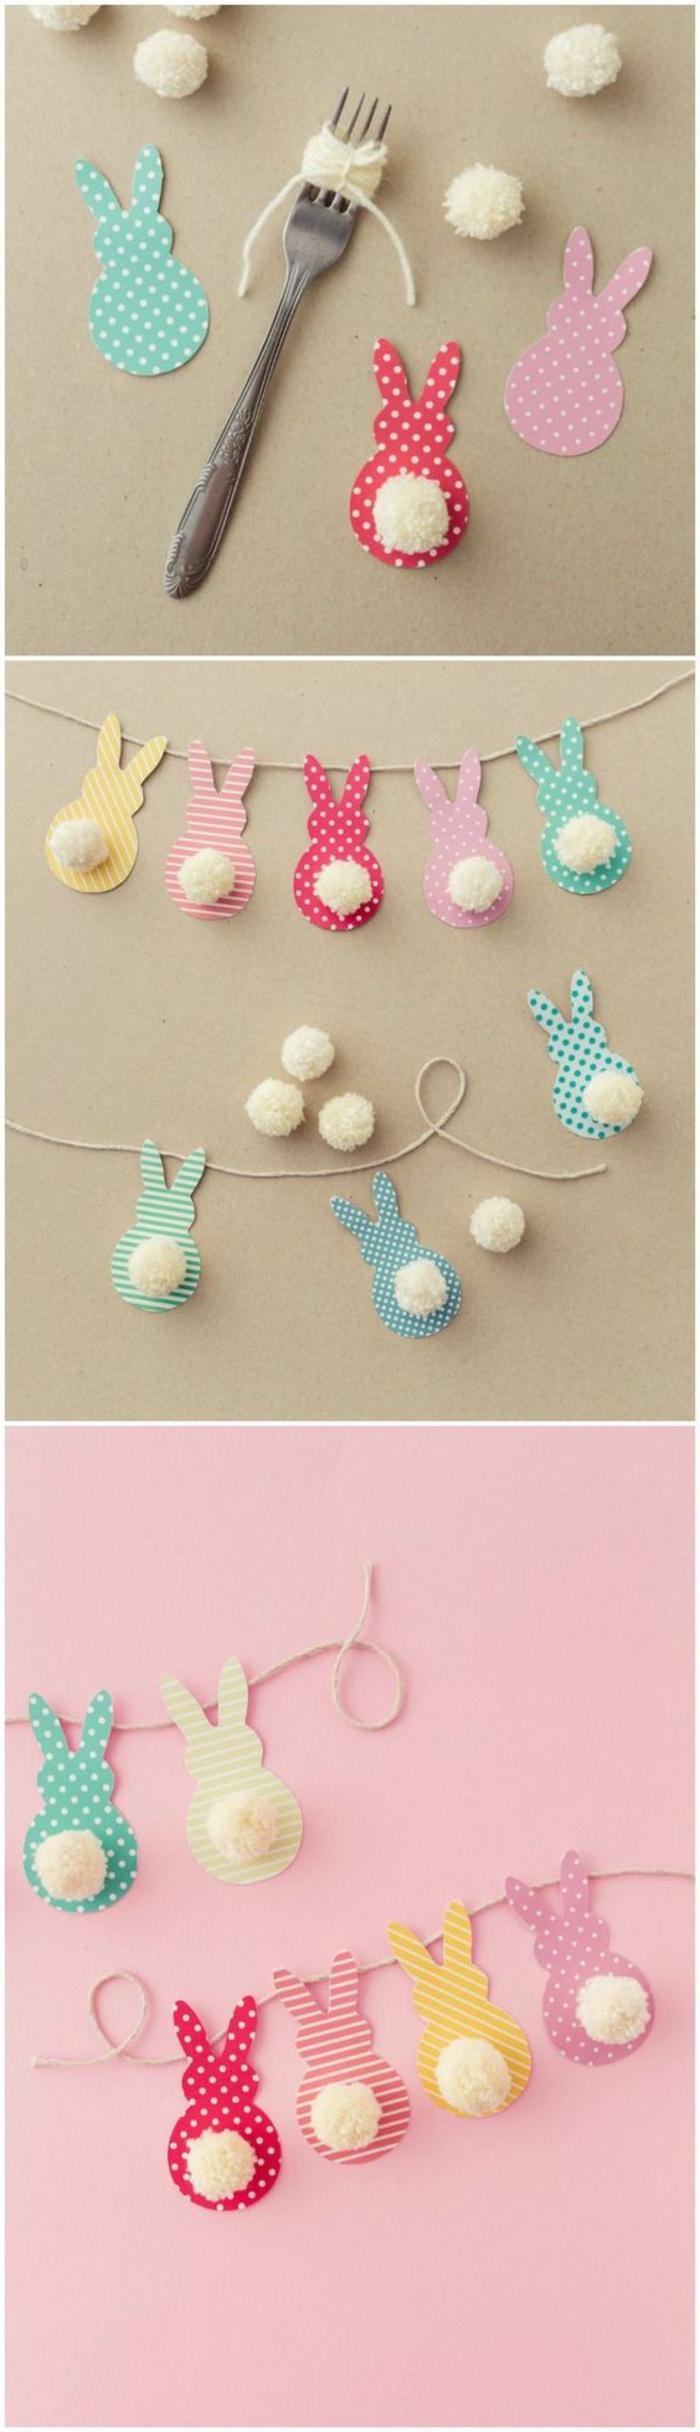 ideas de manualdiades desde casa para el verano, guirnalda colorida de pequeños conejos de papel hechos a mano